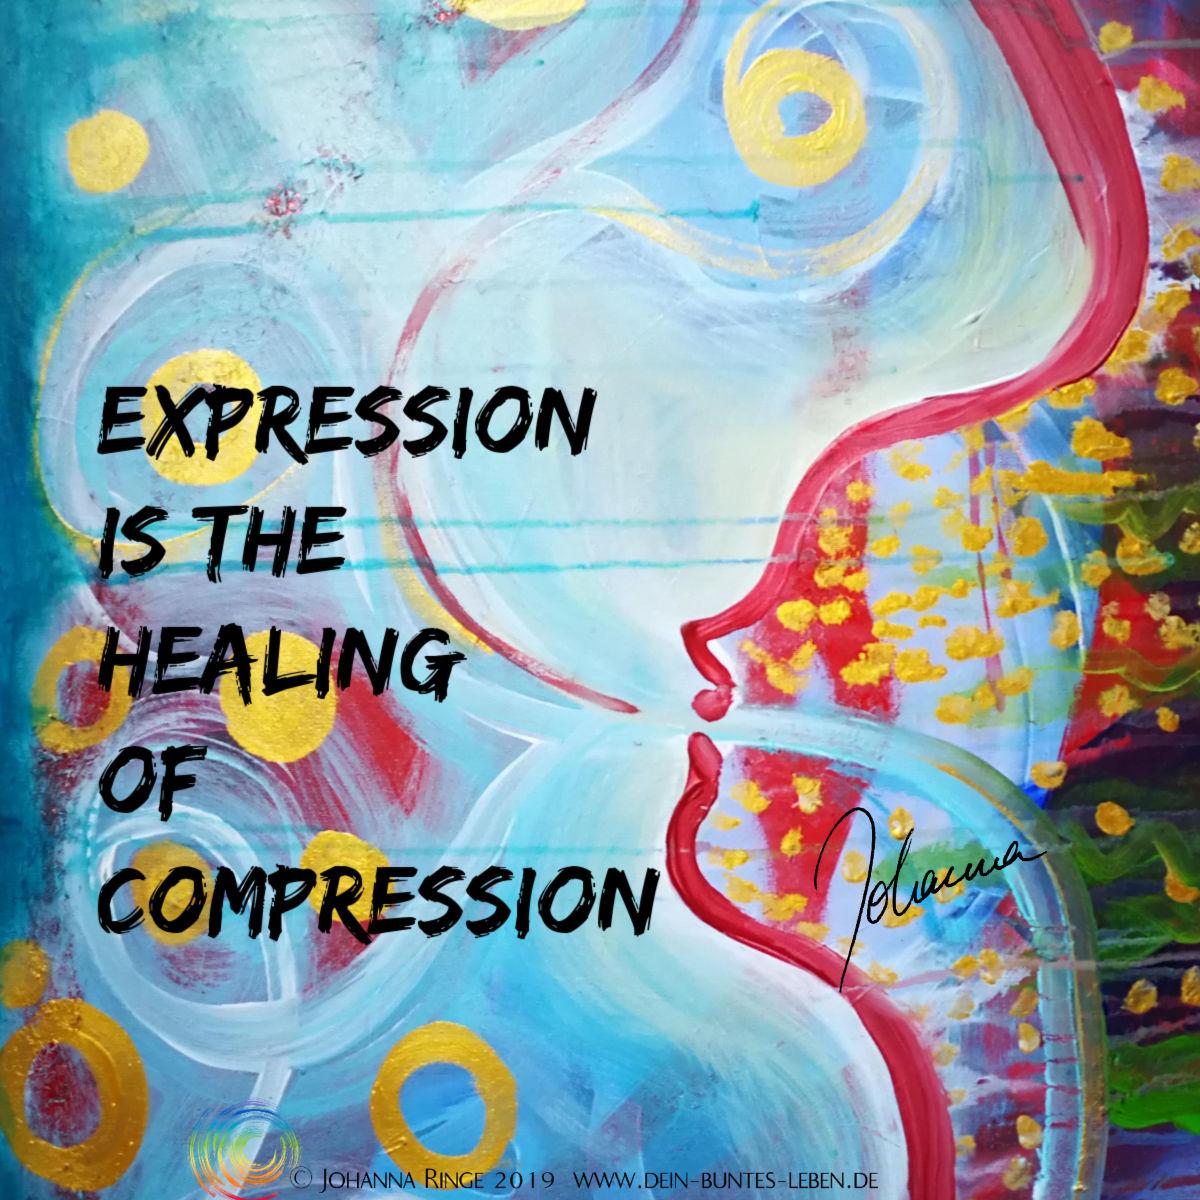 """Selbstausdruck ist das Gegenmittel zum Erdrückt-fühlen. """"Expression is the healing of compression"""" als Text auf Gemälde. ©Johanna Ringe 2019 www.dein-buntes-leben.de"""